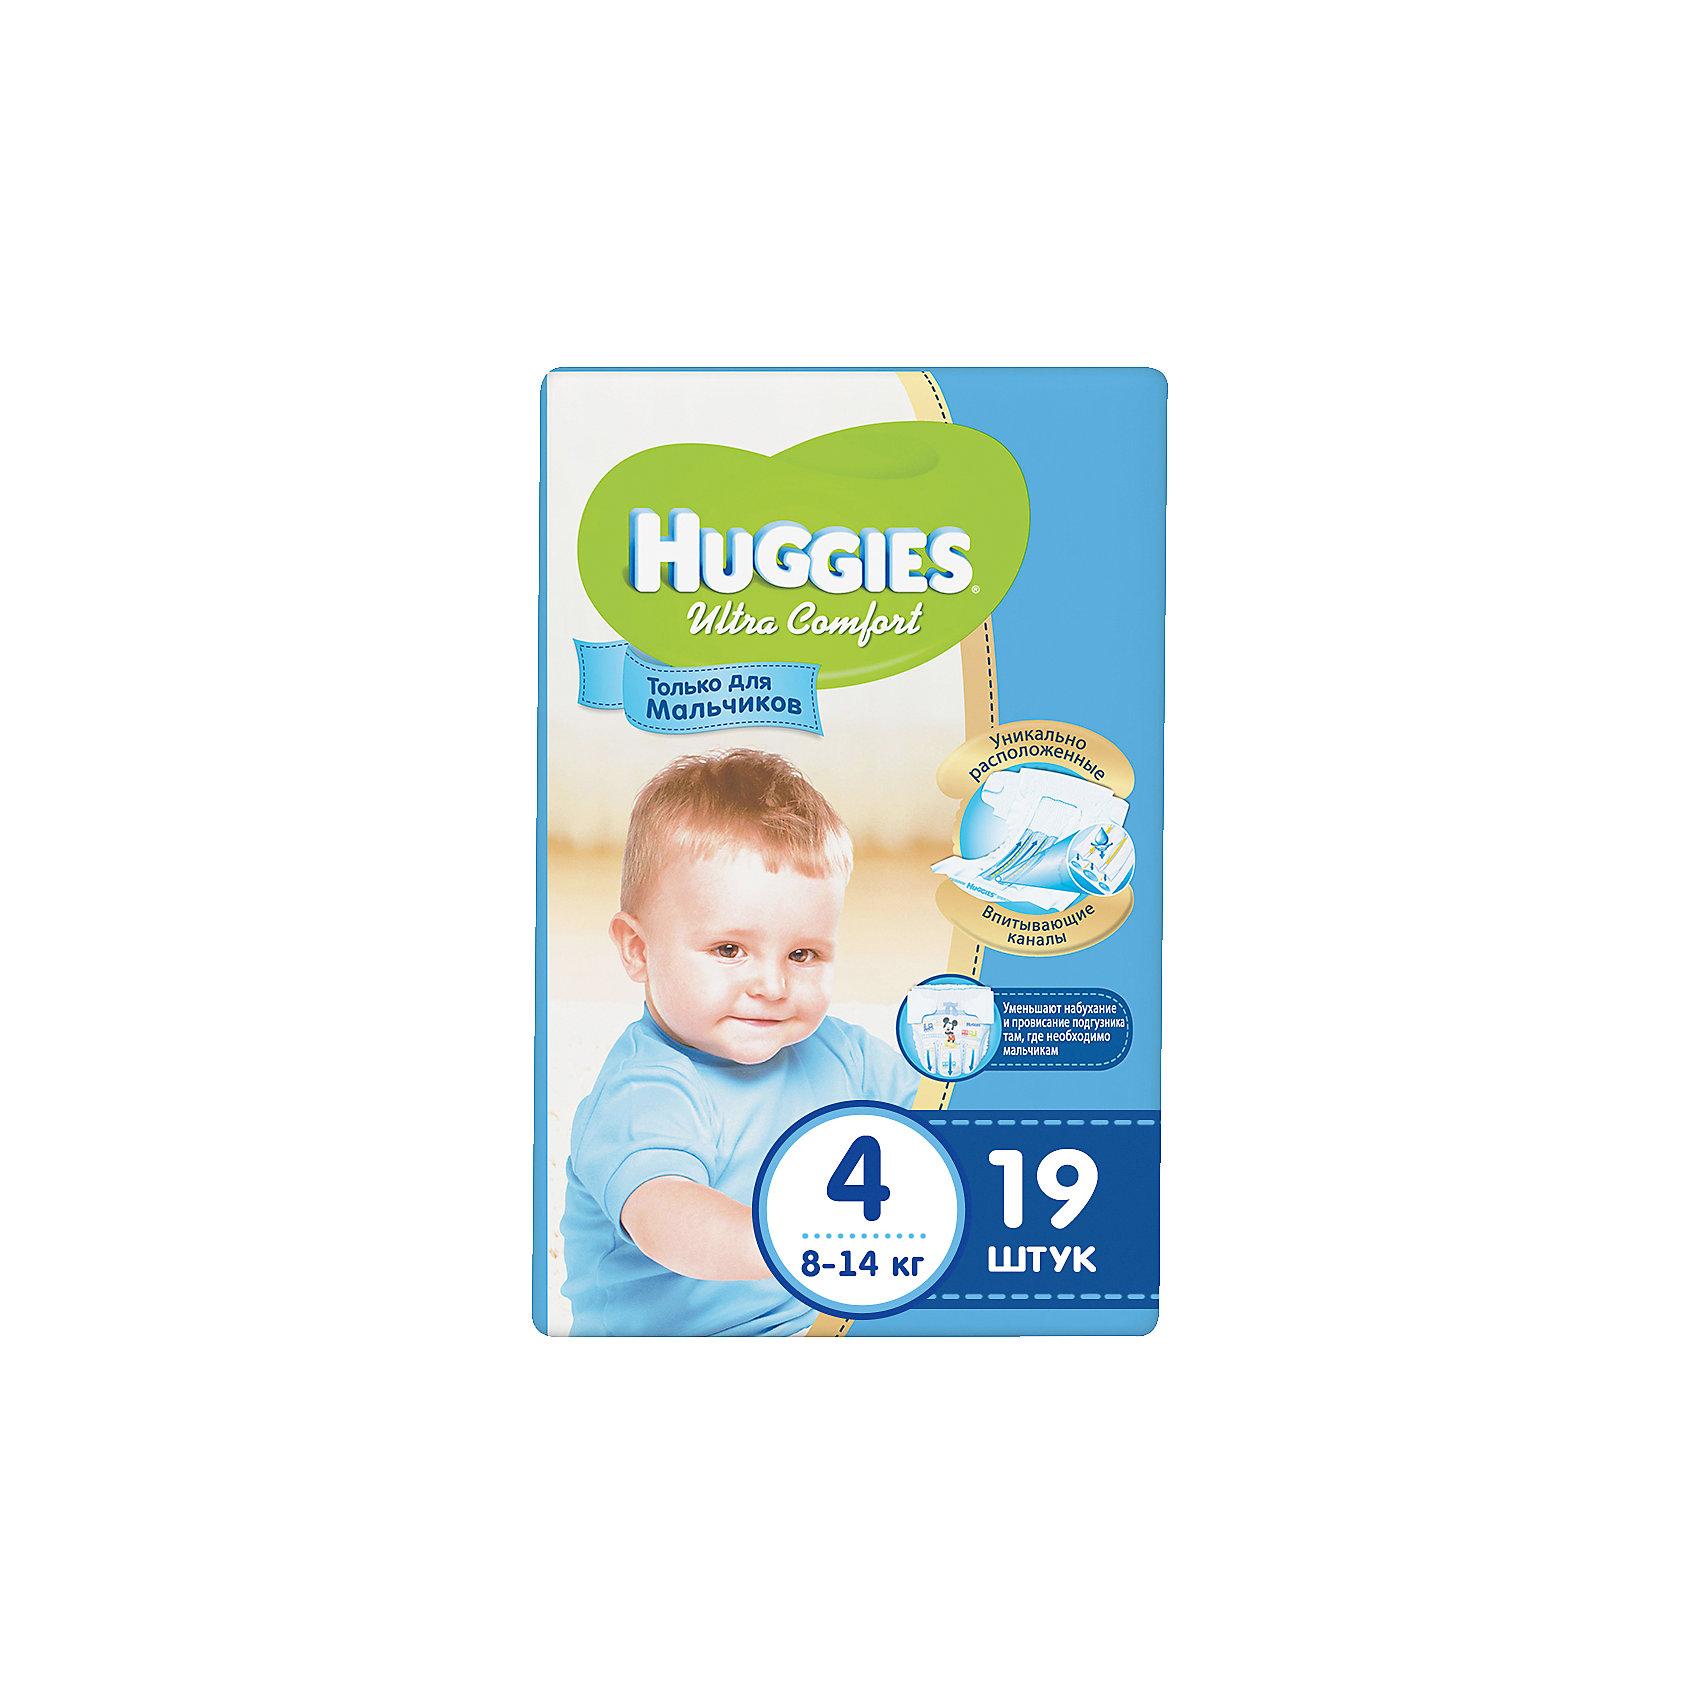 Подгузники Ultra Comfort для мальчиков 4, 8-14 кг, 19шт., Huggies (HUGGIES)